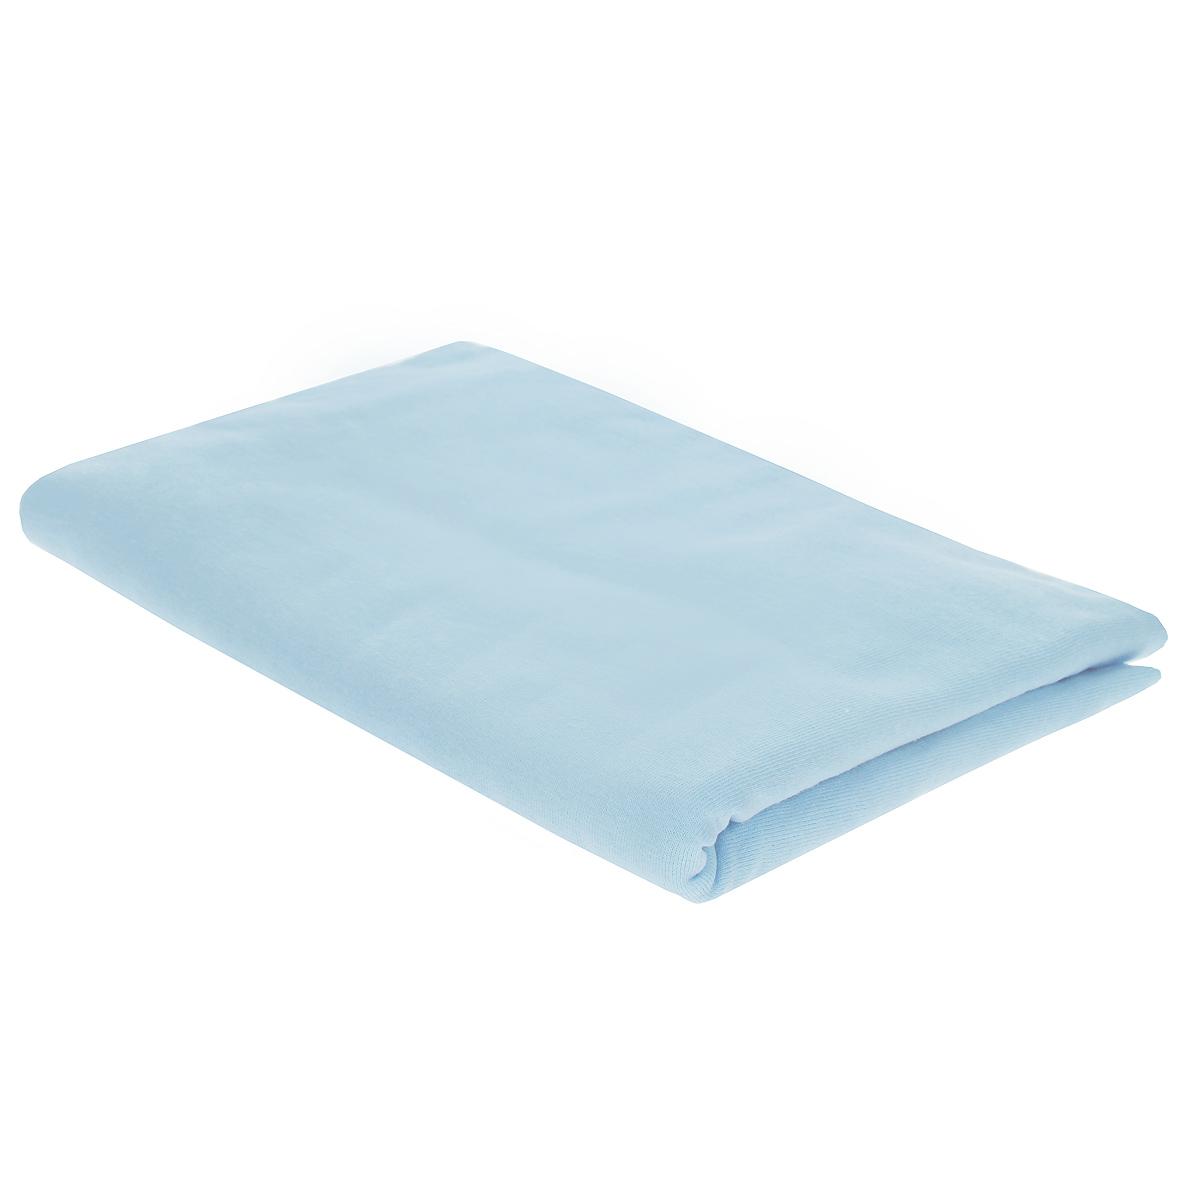 Пеленка трикотажная Трон-Плюс, цвет: голубой, 120 см х 90 см5401 гДетская пеленка Трон-Плюс подходит для пеленания ребенка с самого рождения. Она невероятно мягкая и нежная на ощупь. Пеленка выполнена из кулирки - тонкого трикотажного материала из хлопка гладкого покроя. Такая ткань прекрасно дышит, она гипоаллергенна, почти не мнется и не теряет формы после стирки. Мягкая ткань укутывает малыша с необычайной нежностью. Пеленку также можно использовать как легкое одеяло в жаркую погоду, простынку, полотенце после купания, накидку для кормления грудью или солнцезащитный козырек. Ее размер подходит для пеленания даже крупного малыша.